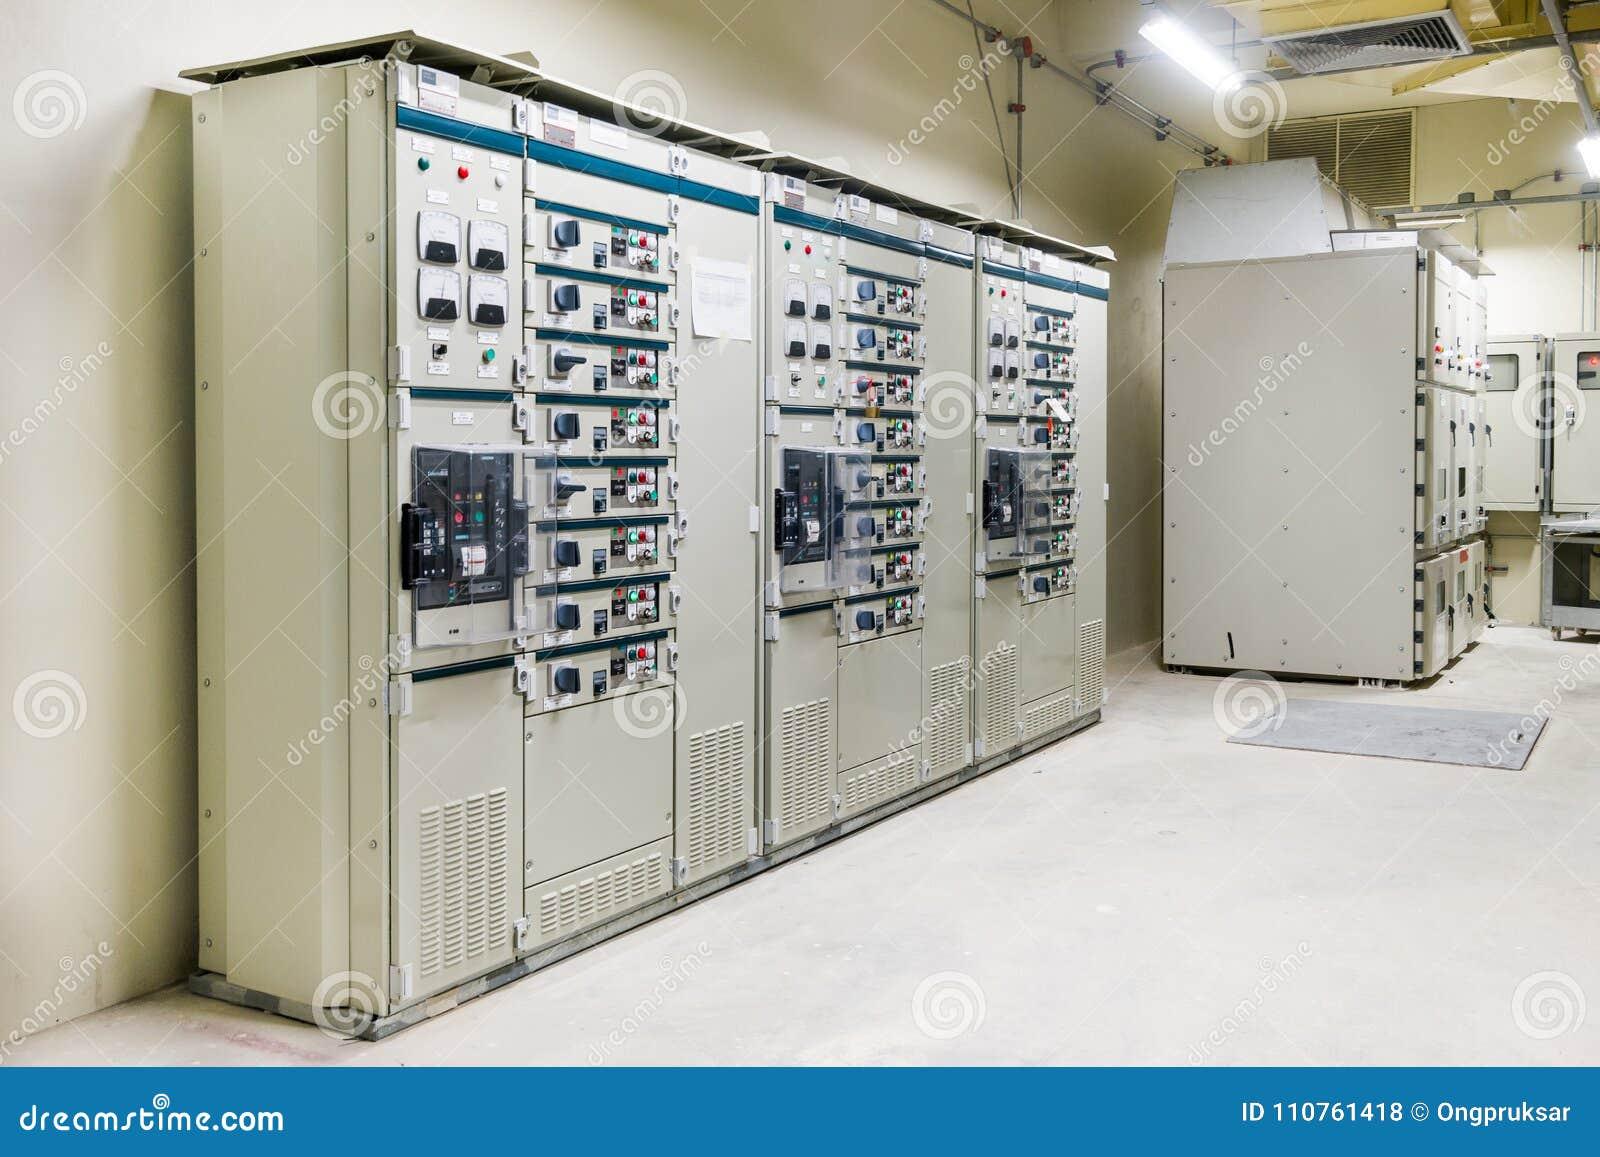 Электрический switcher комнаты, средства и высокого напряжения, оборудование